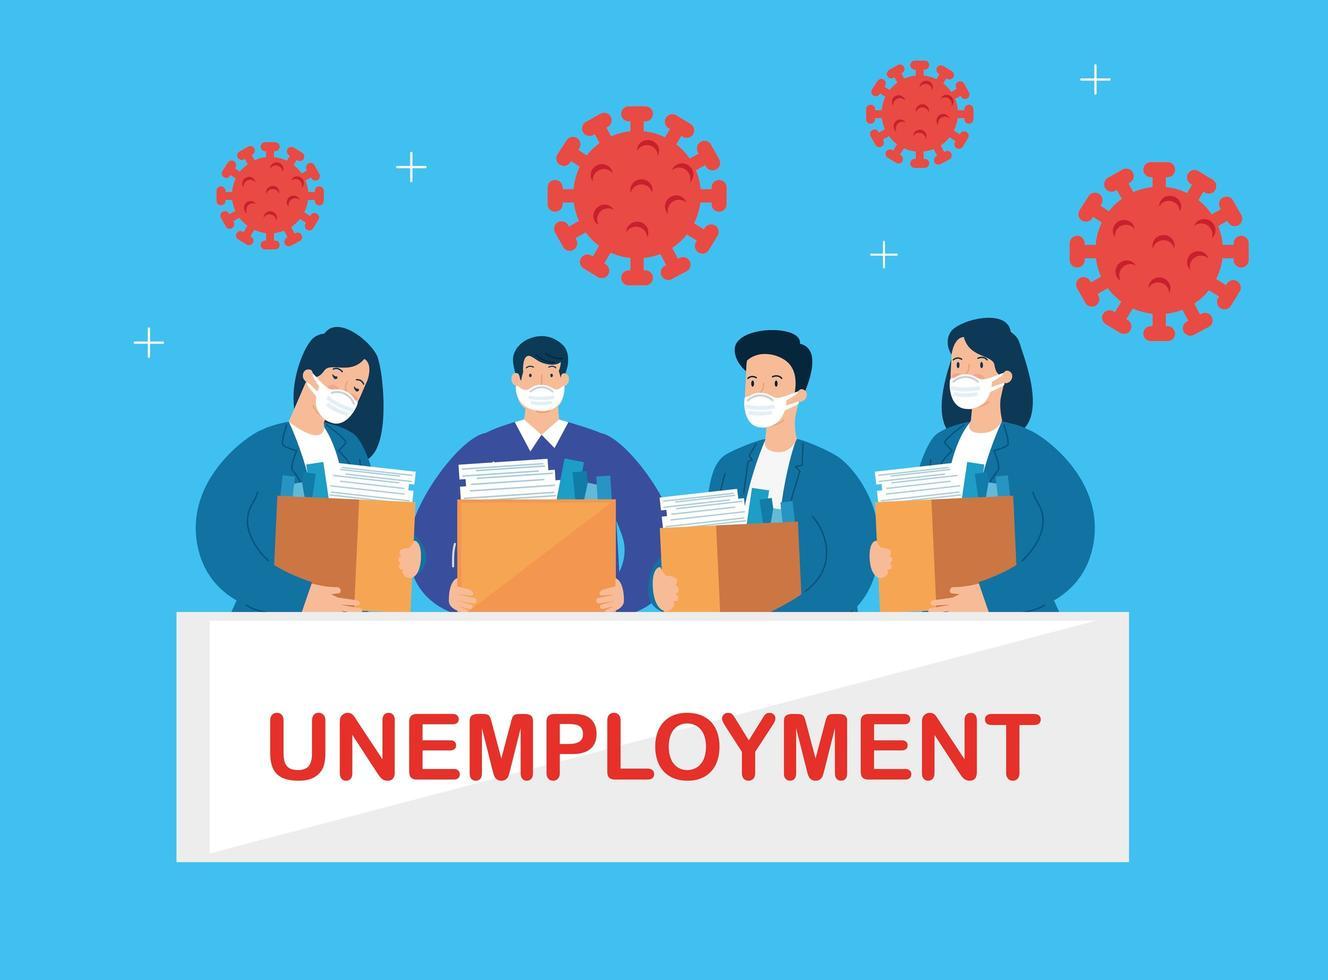 affärsmän arbetslösa på grund av koronaviruspandemi vektor